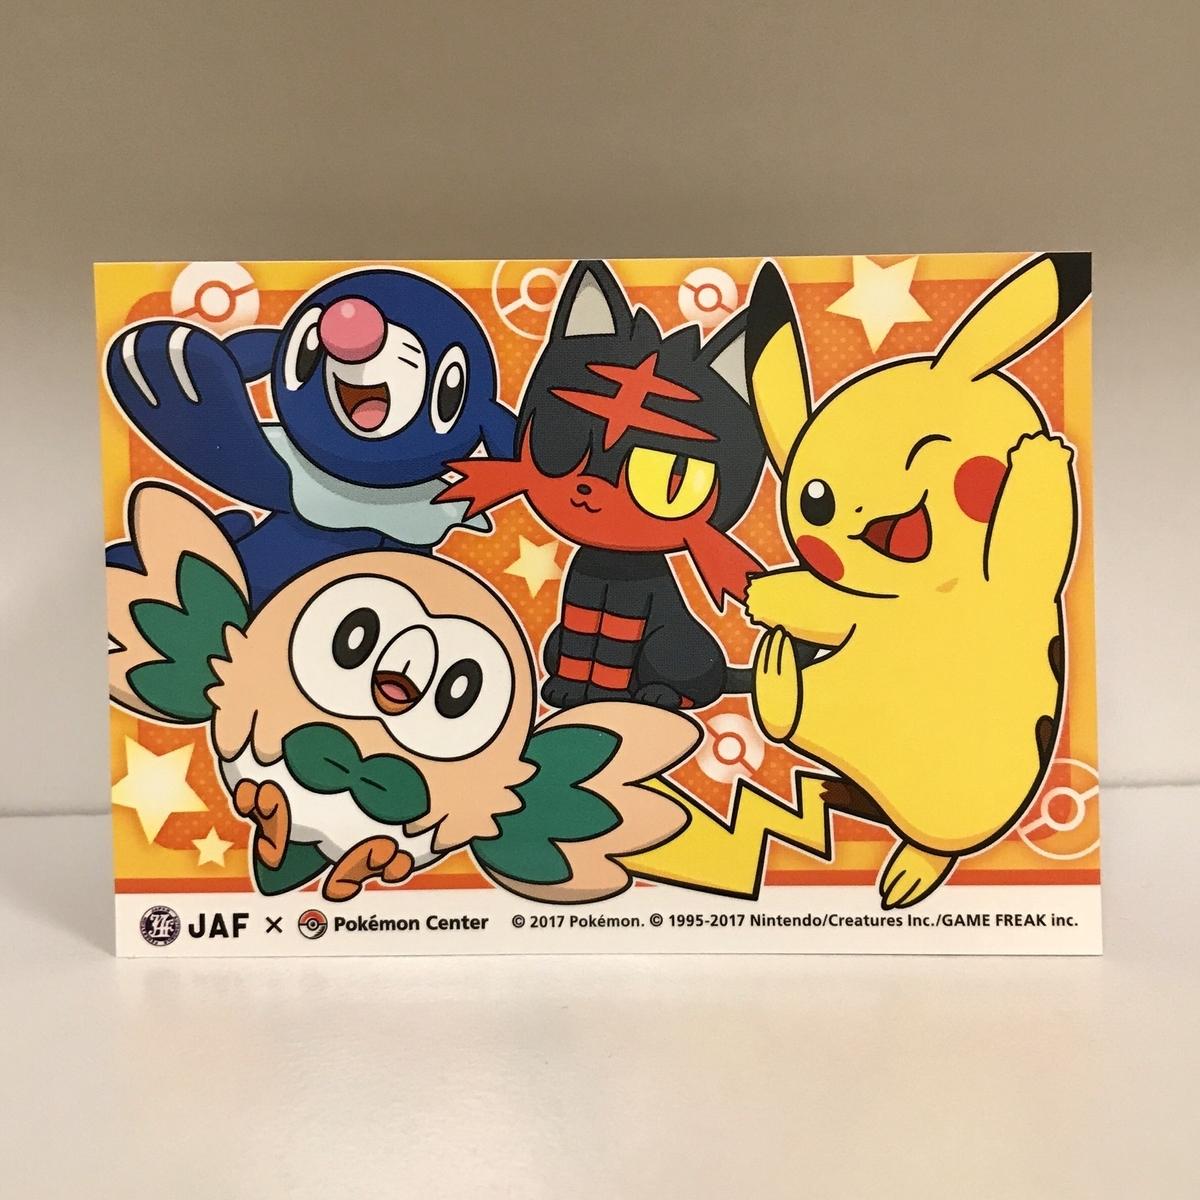 f:id:pikachu_pcn:20190406002149j:plain